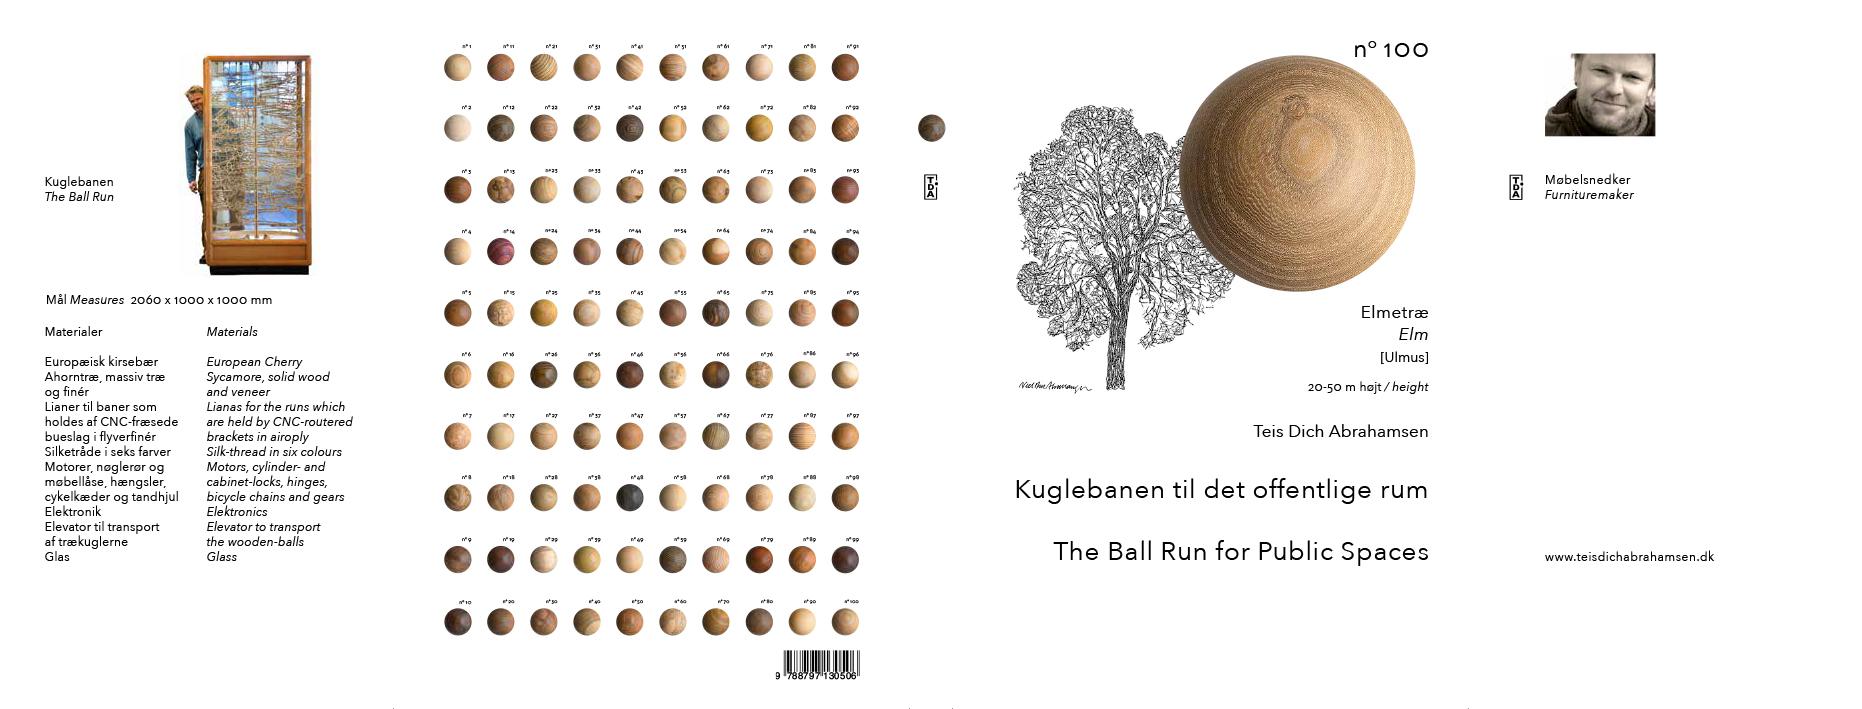 Omslag Forside, bagside med 100 kugler og klapper med beskrivelse af banens konstruktion, Dansk og engelsk tekst